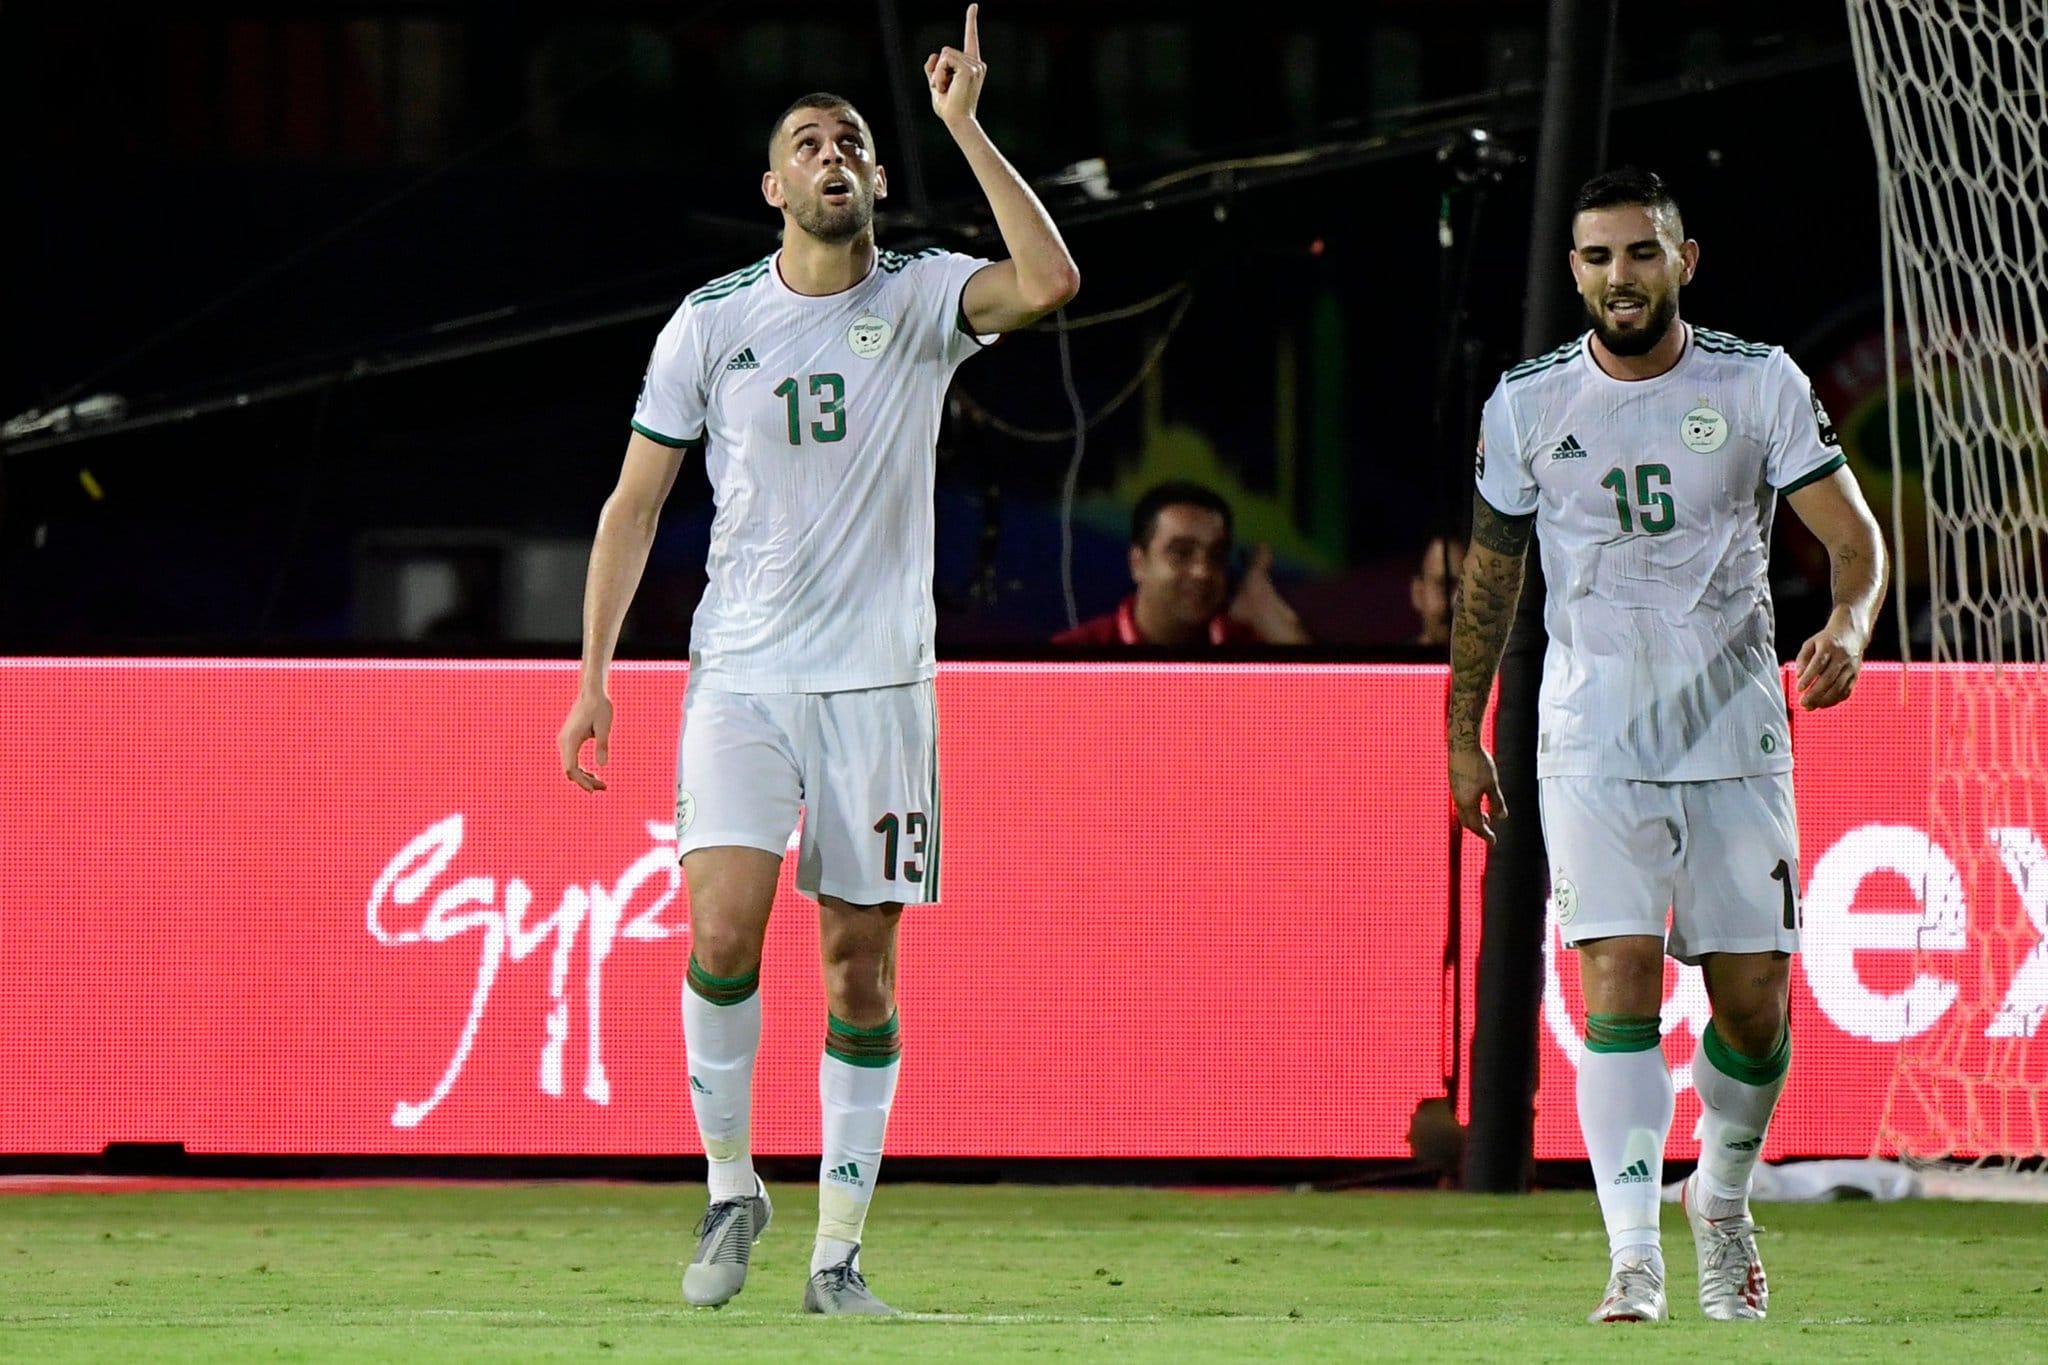 احتفال إسلام سليماني بهدفه في شباك جيبوتي في تصفيات مونديال كأس العالم 2022